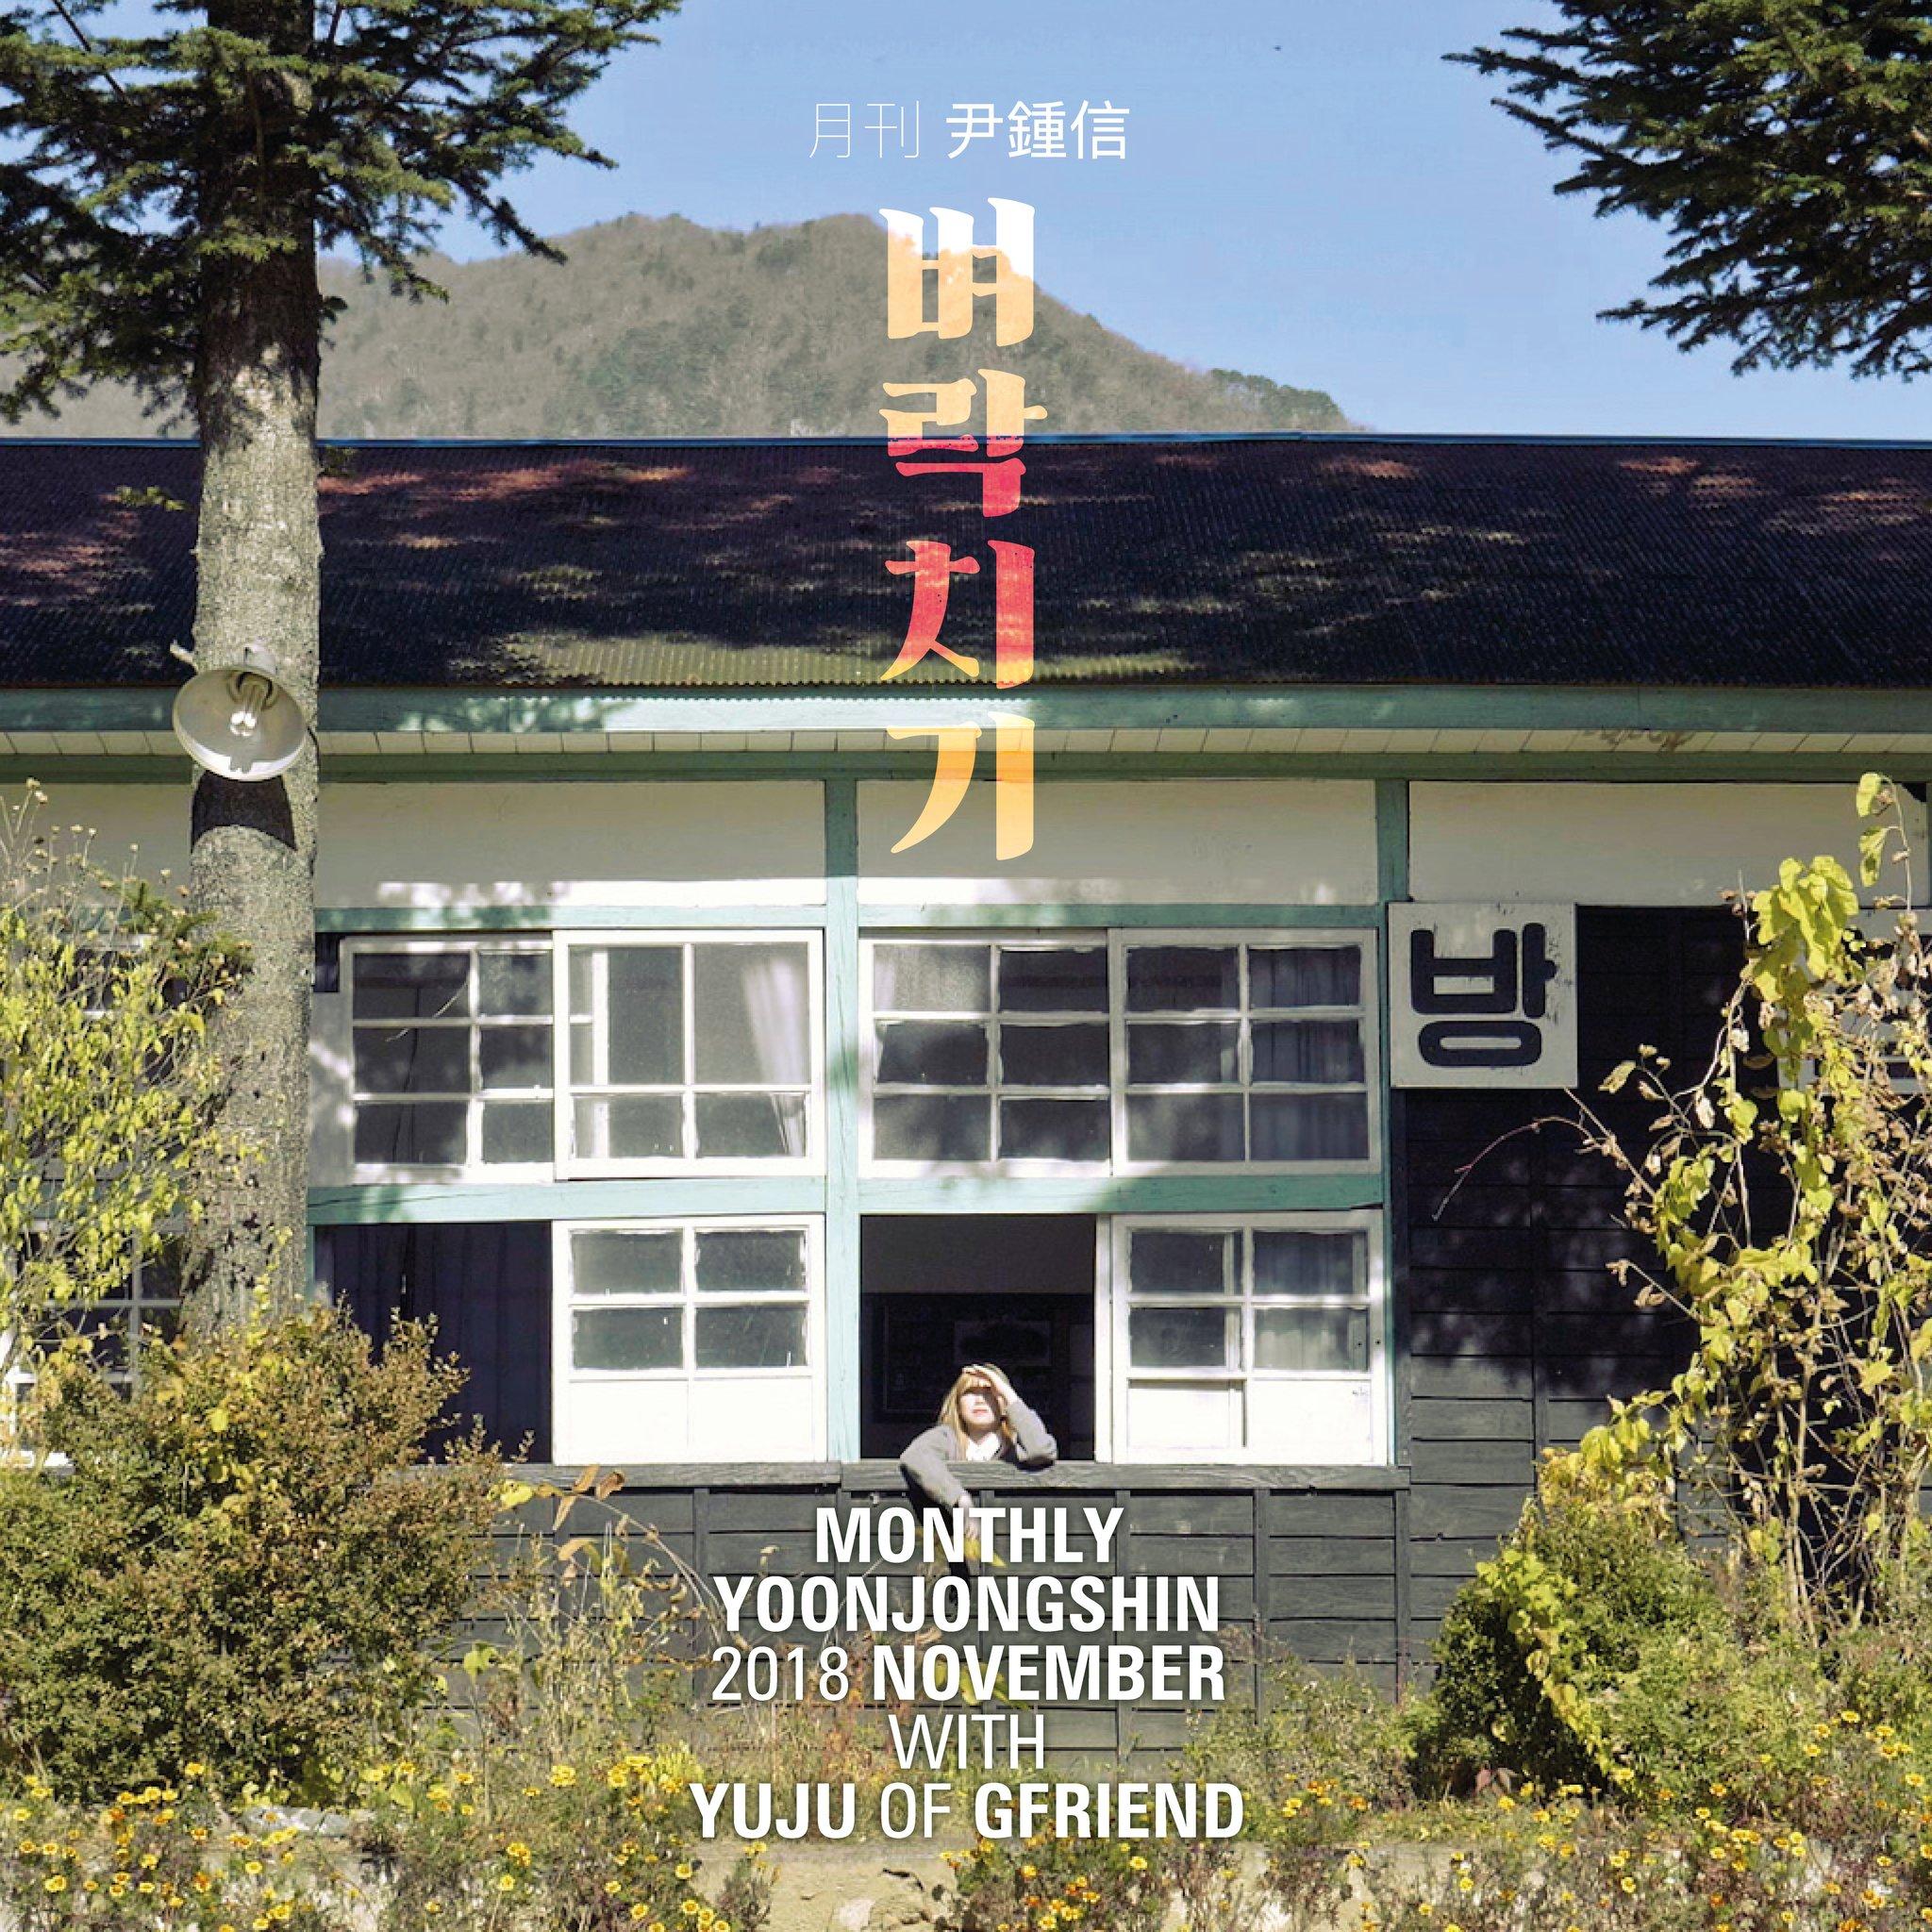 Yoon Jong Shin Yuju Collaboration